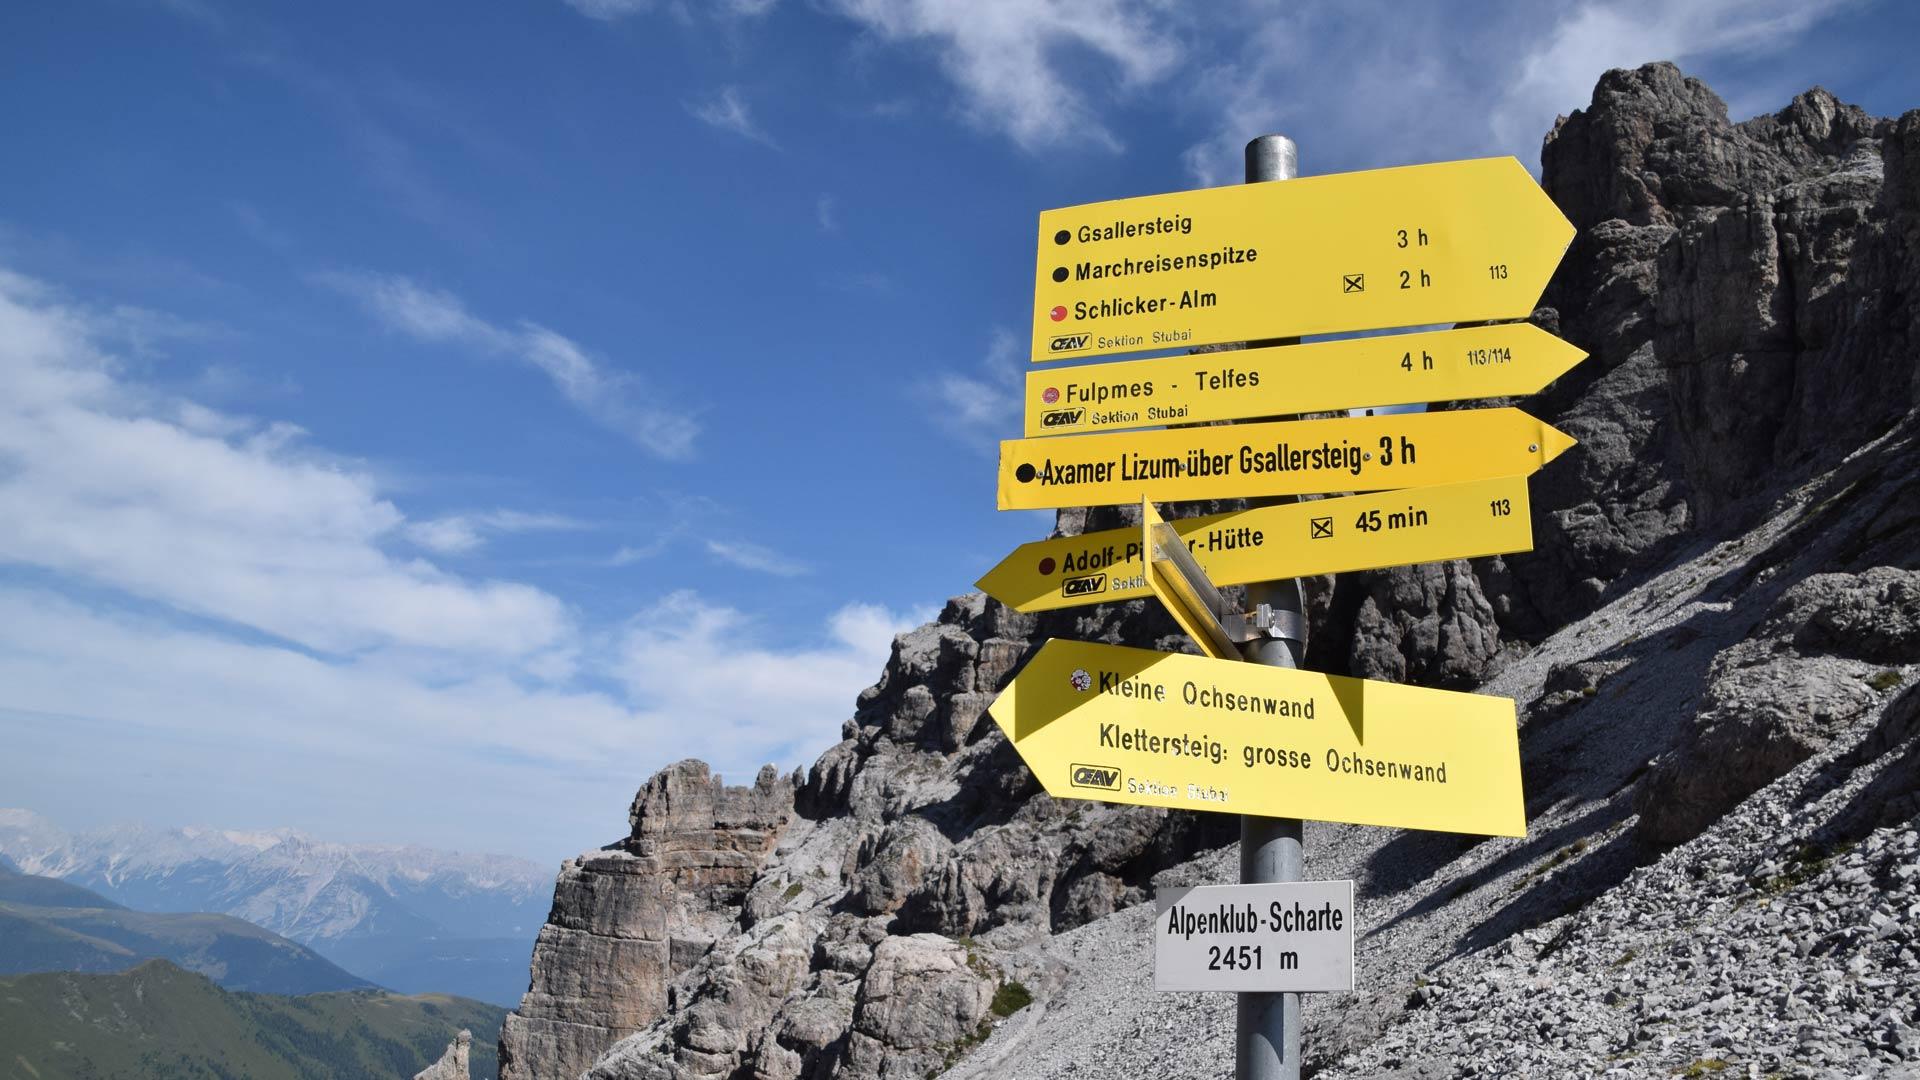 Klettersteigset Stubai : Austrialpin klettersteigsets anwendung bergsteigen